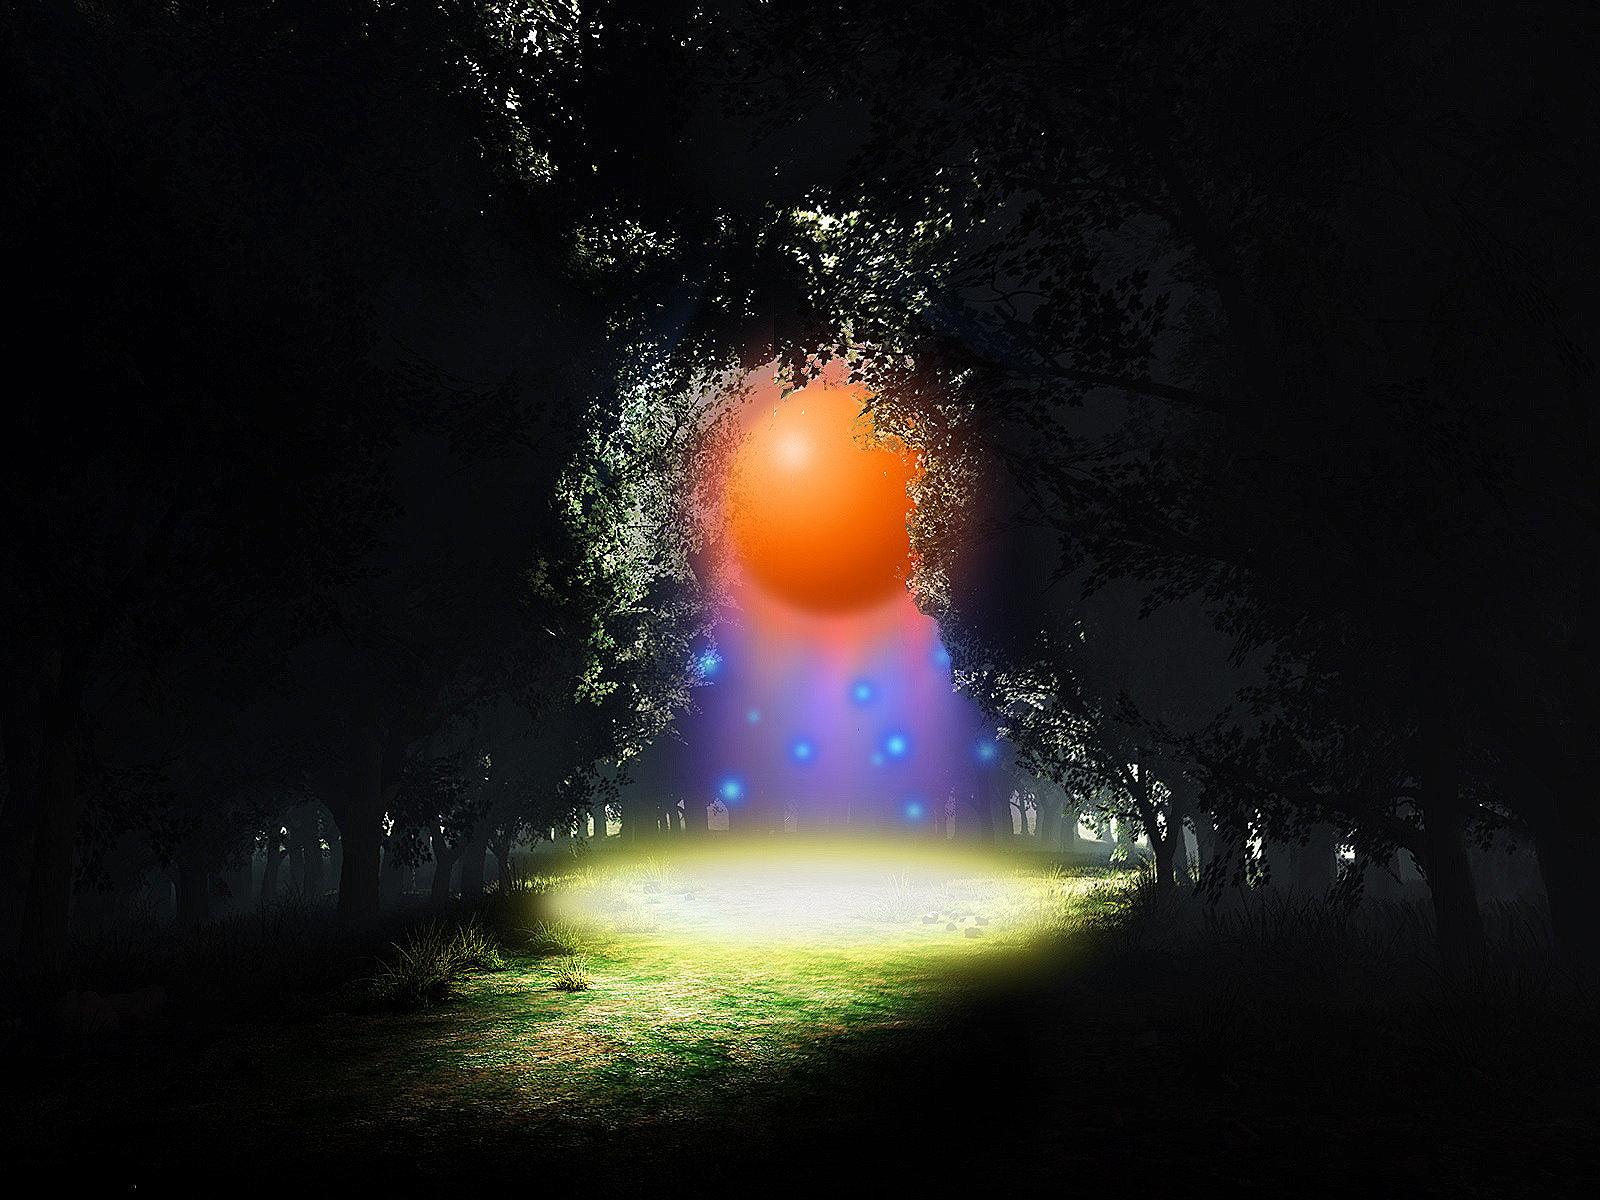 Il caso UFO di Rendlesham